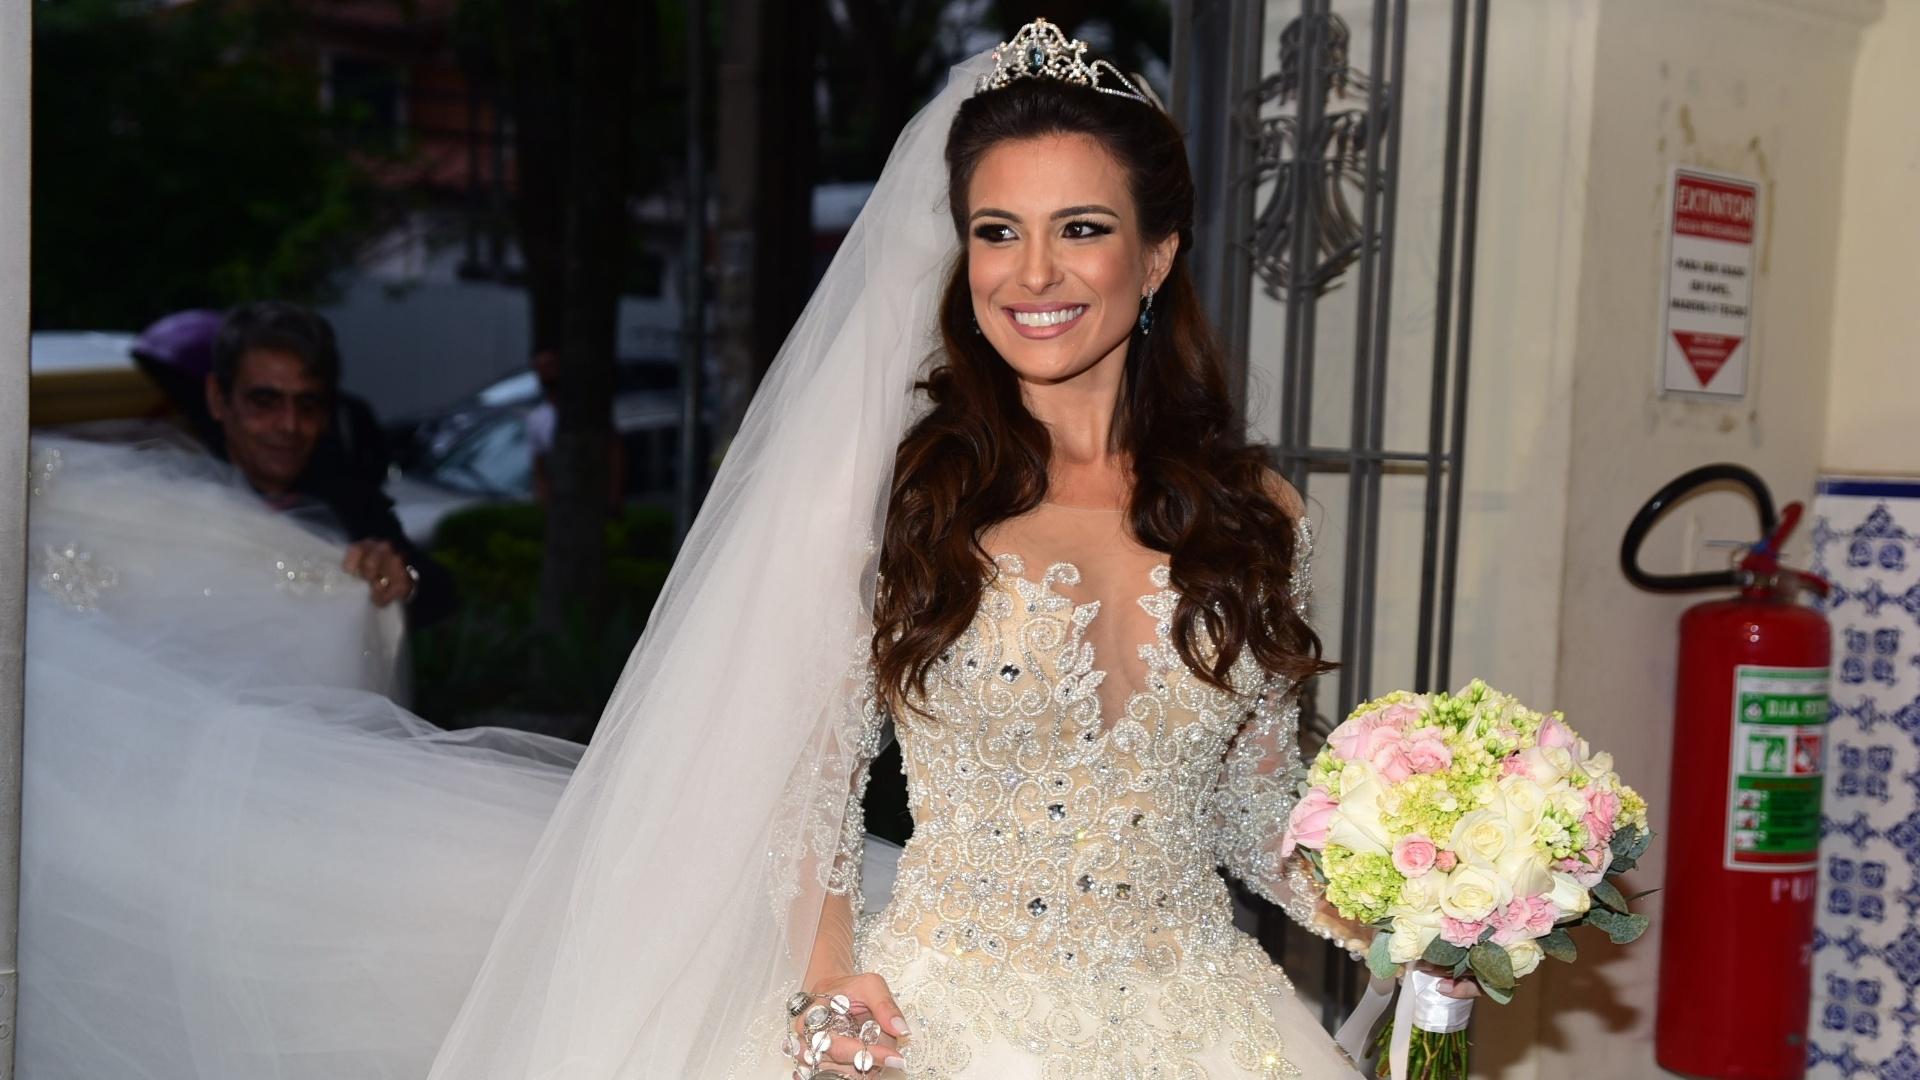 4.set.2016 - Kamilla Salgado chega à igreja para seu casamento com Eliéser Ambrósio. Os ex-BBBs se conheceram na 13ª edição do reality show e estão casados no civil desde 16 de julho